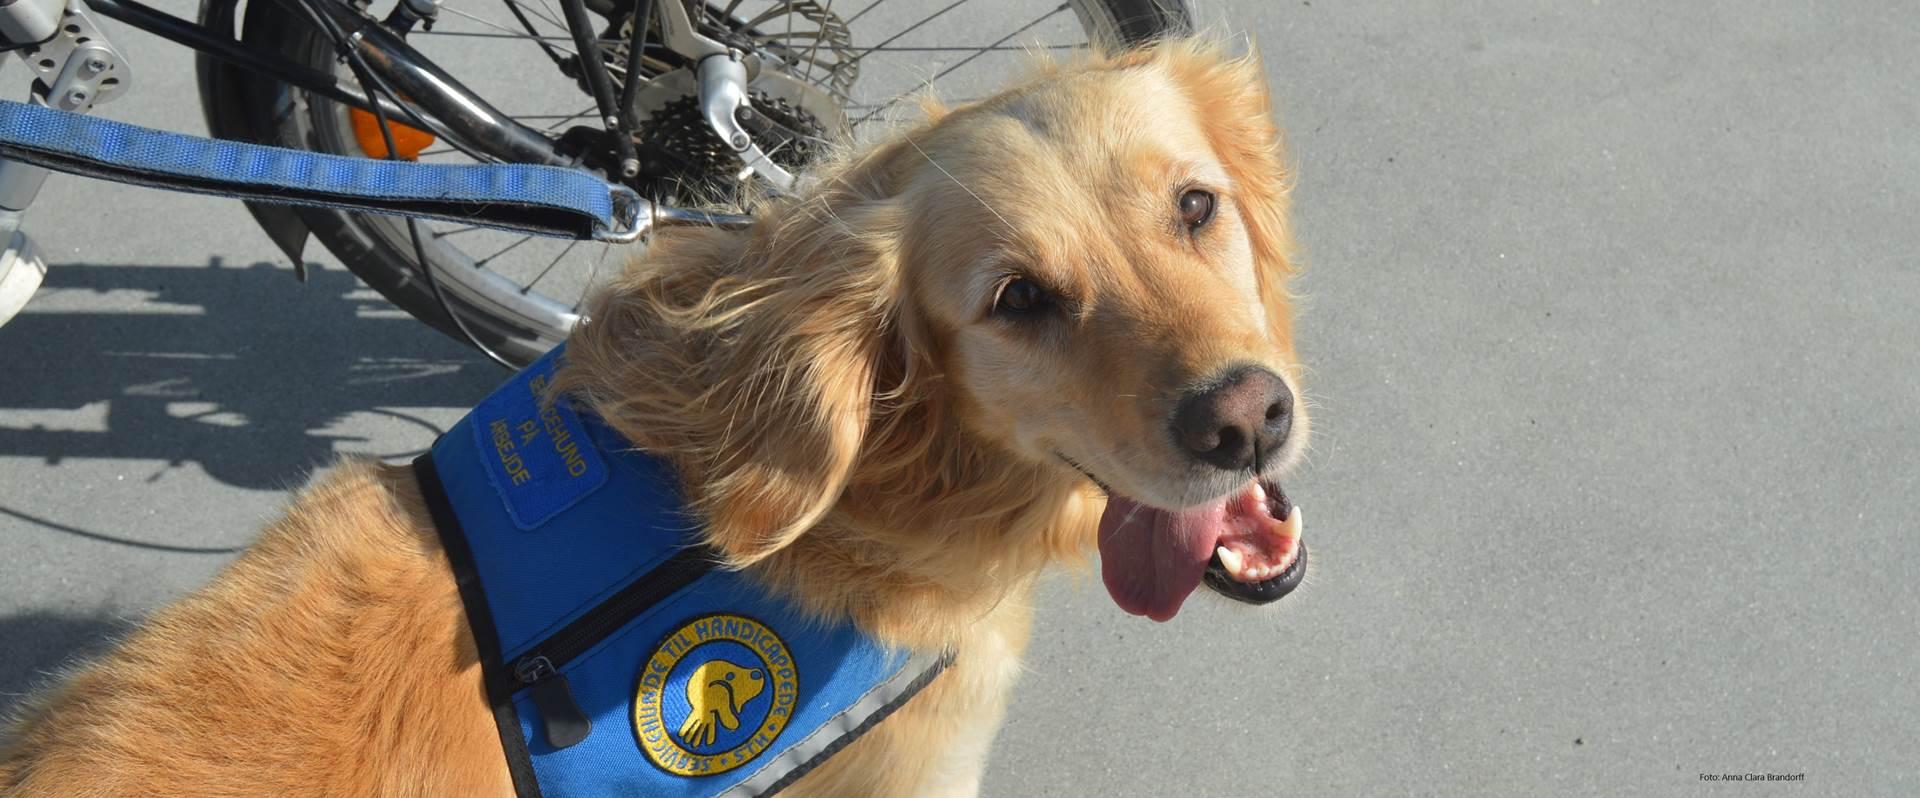 Billede af hund fra Dog a thon